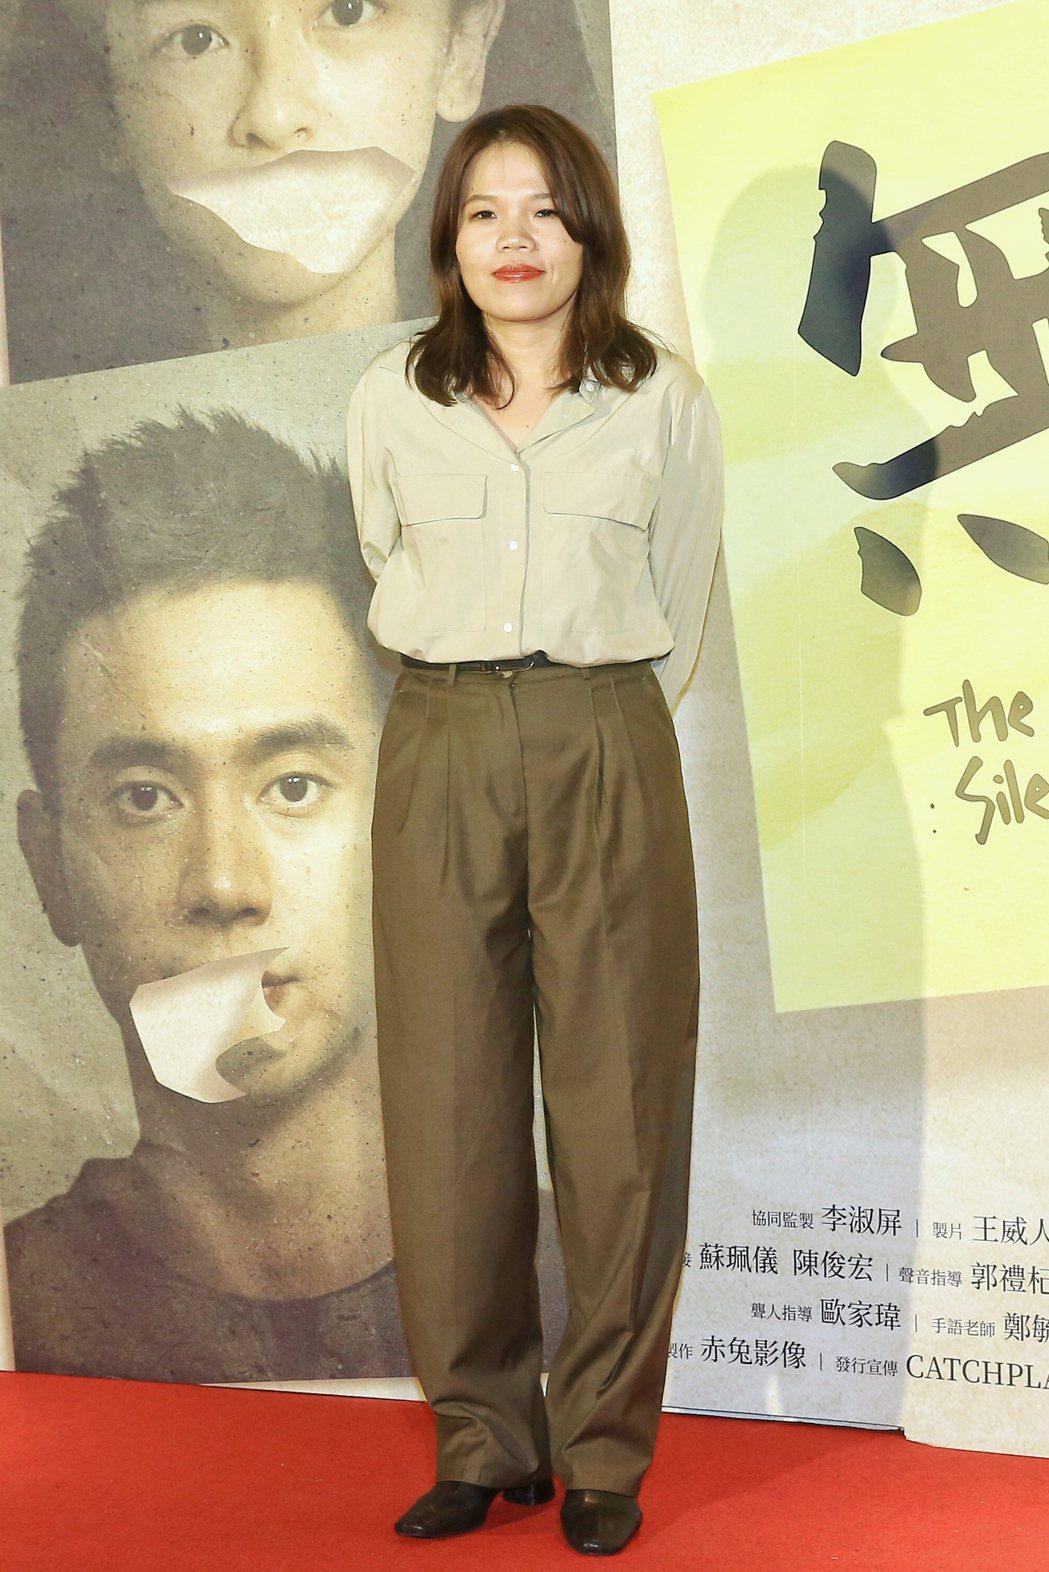 《無聲》劇組在金馬頒獎典禮結束後,導演柯貞年出席慶功宴。記者林伯東/攝影